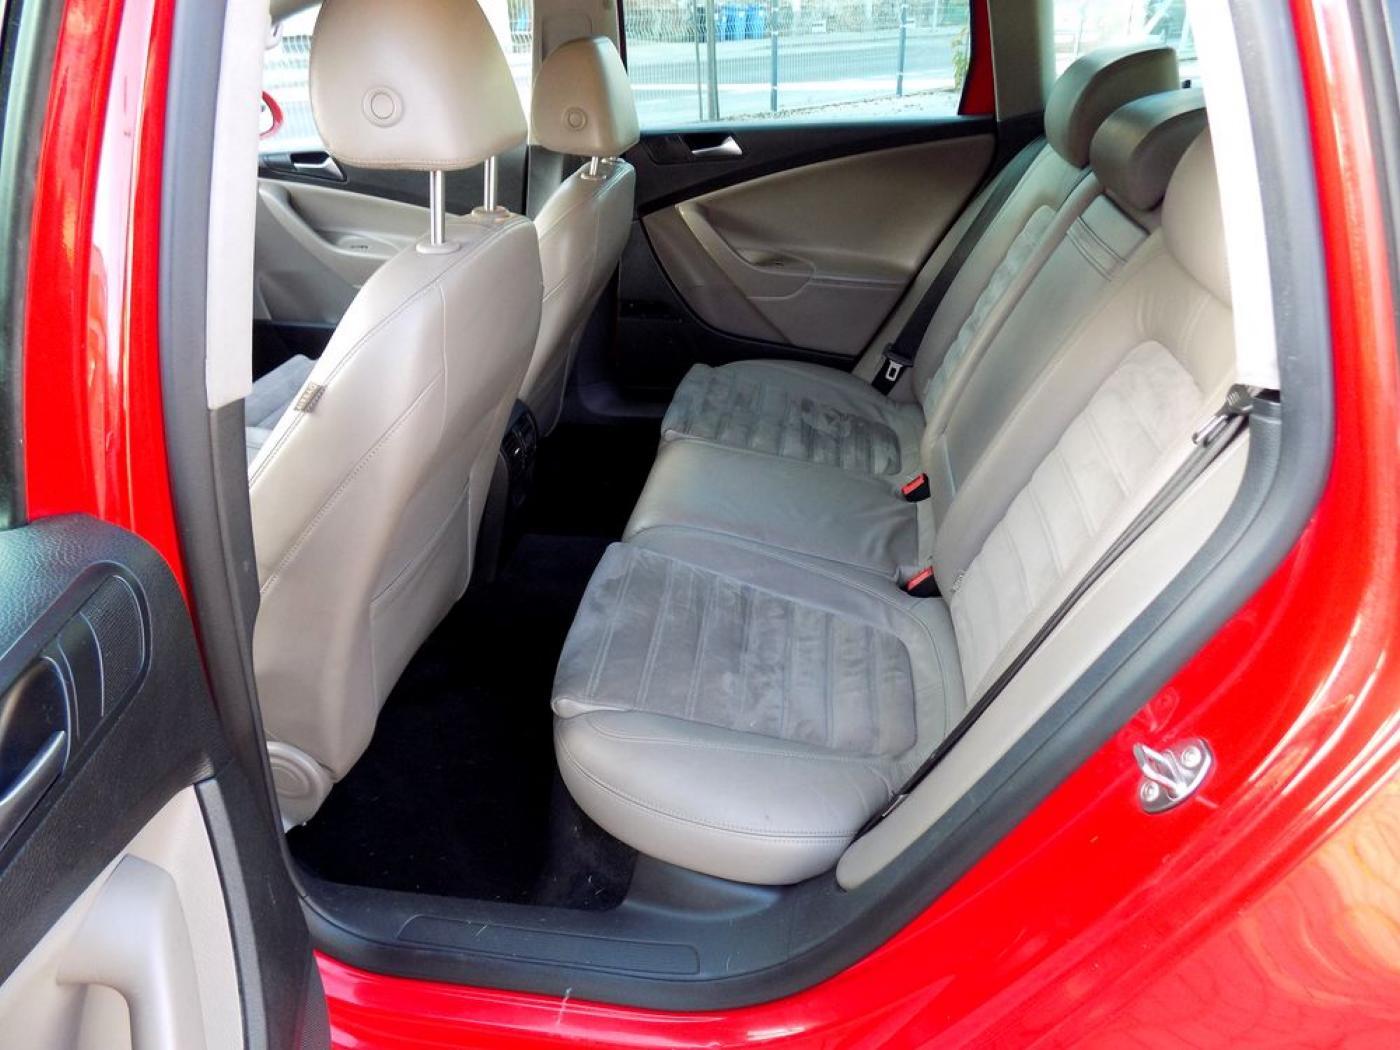 Volkswagen Passat 2.0 TDi Highline Xenon